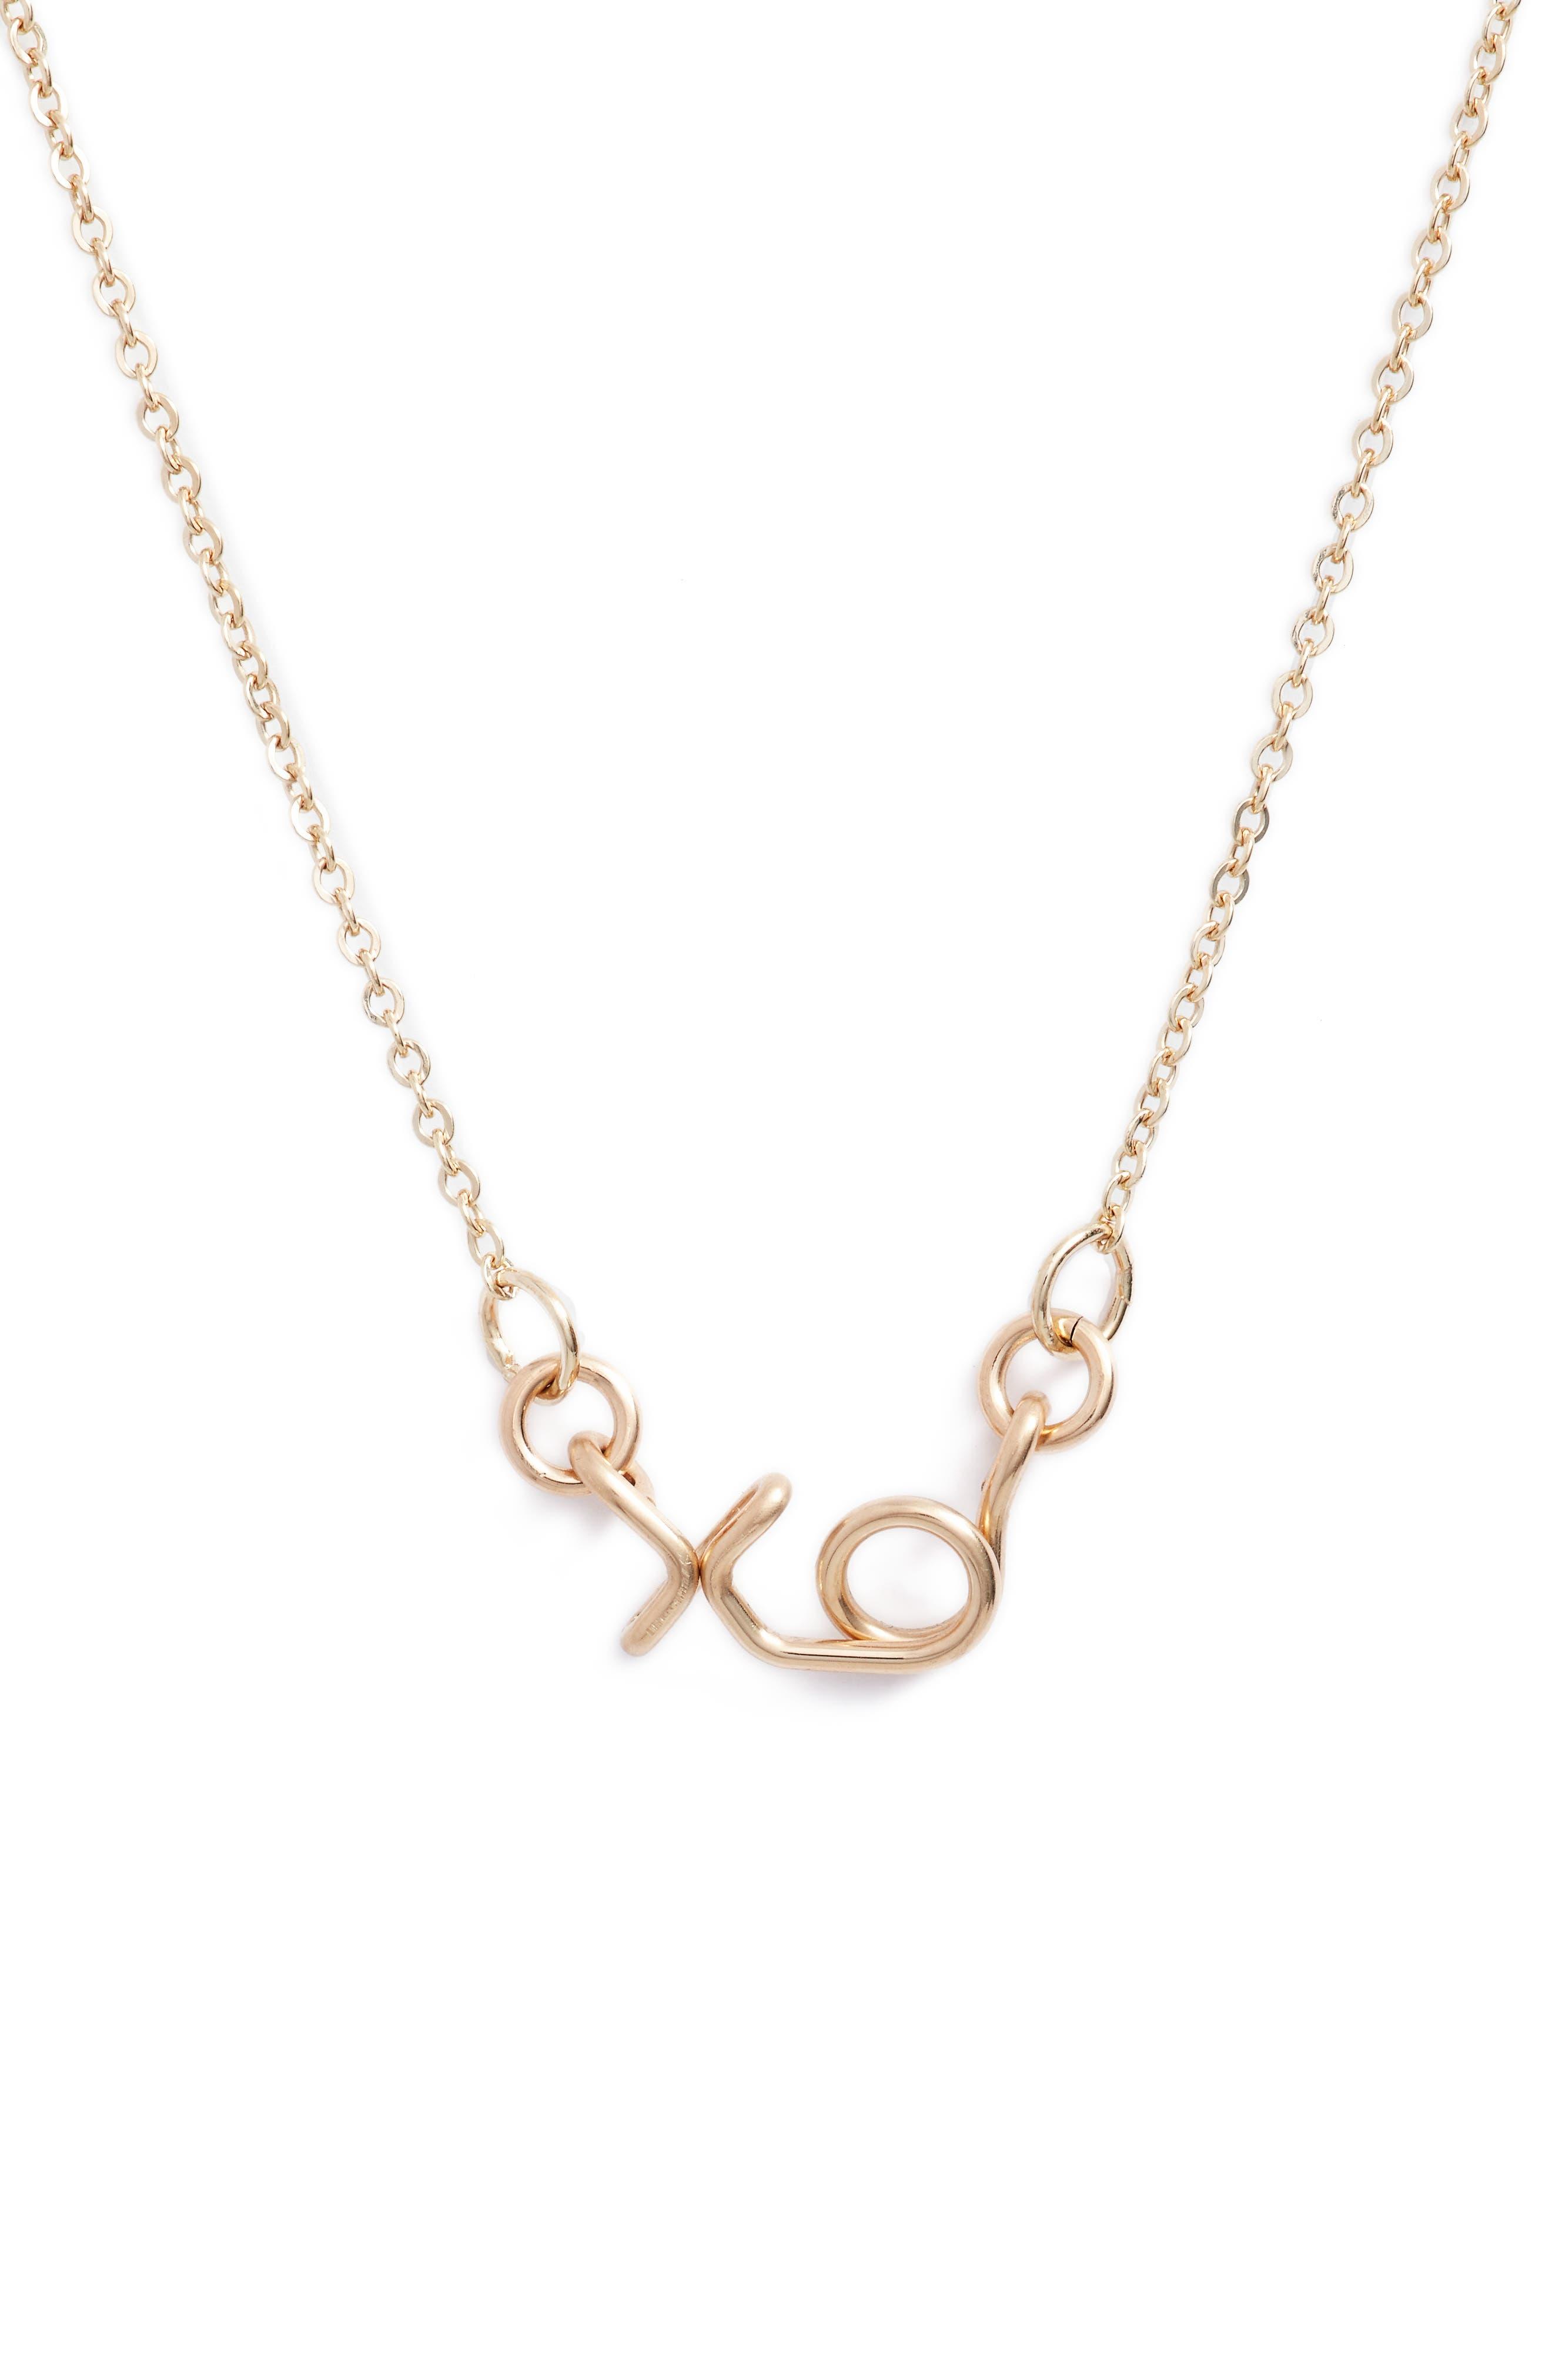 Alternate Image 1 Selected - Nashelle Mini XO Pendant Necklace